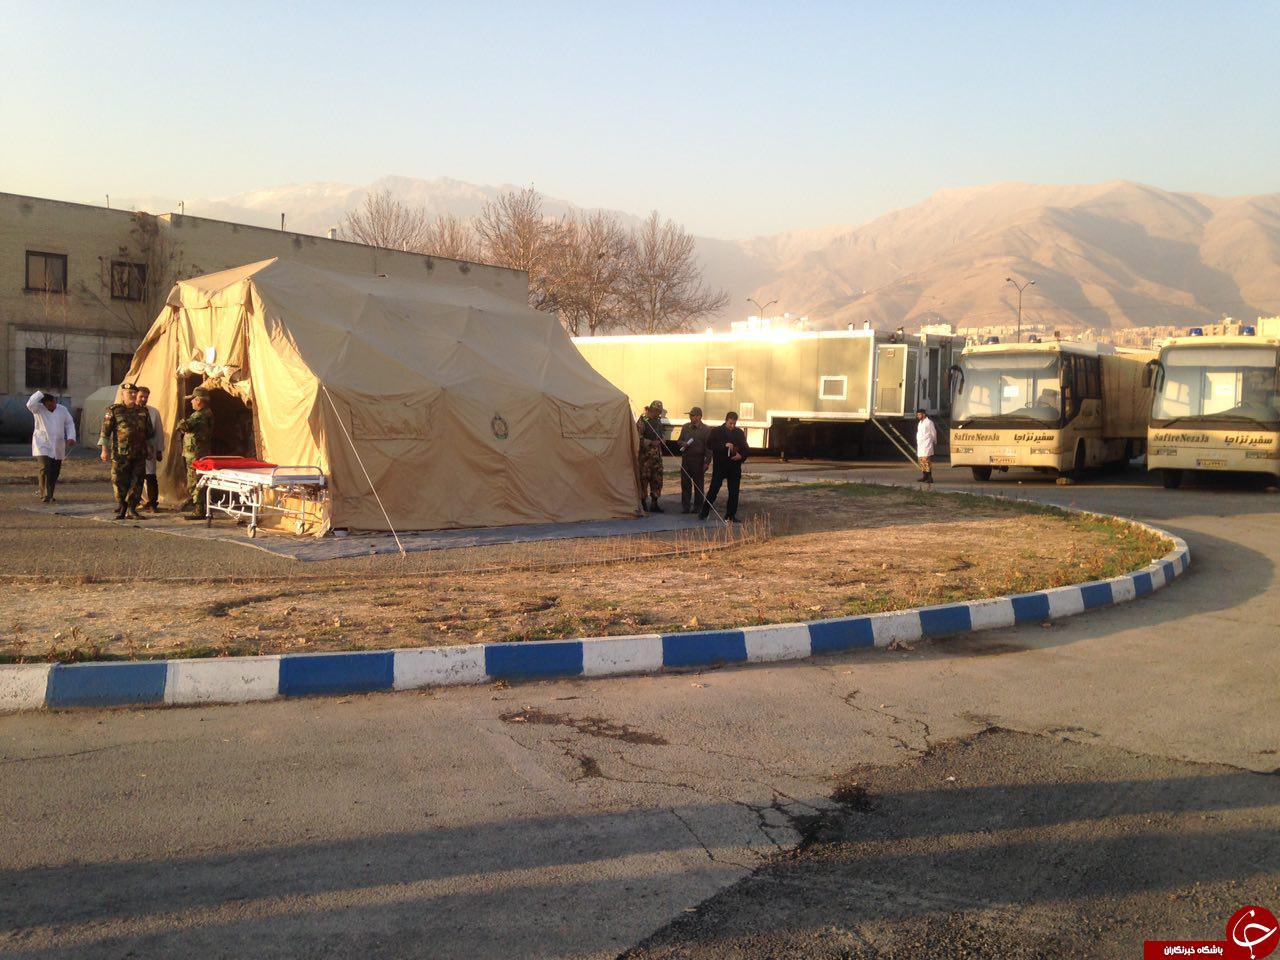 مانور آمادگی امداد، نجات و خدمات پزشكی  اداره بهداشت و درمان نزاجا برگزار شد + تصاویر